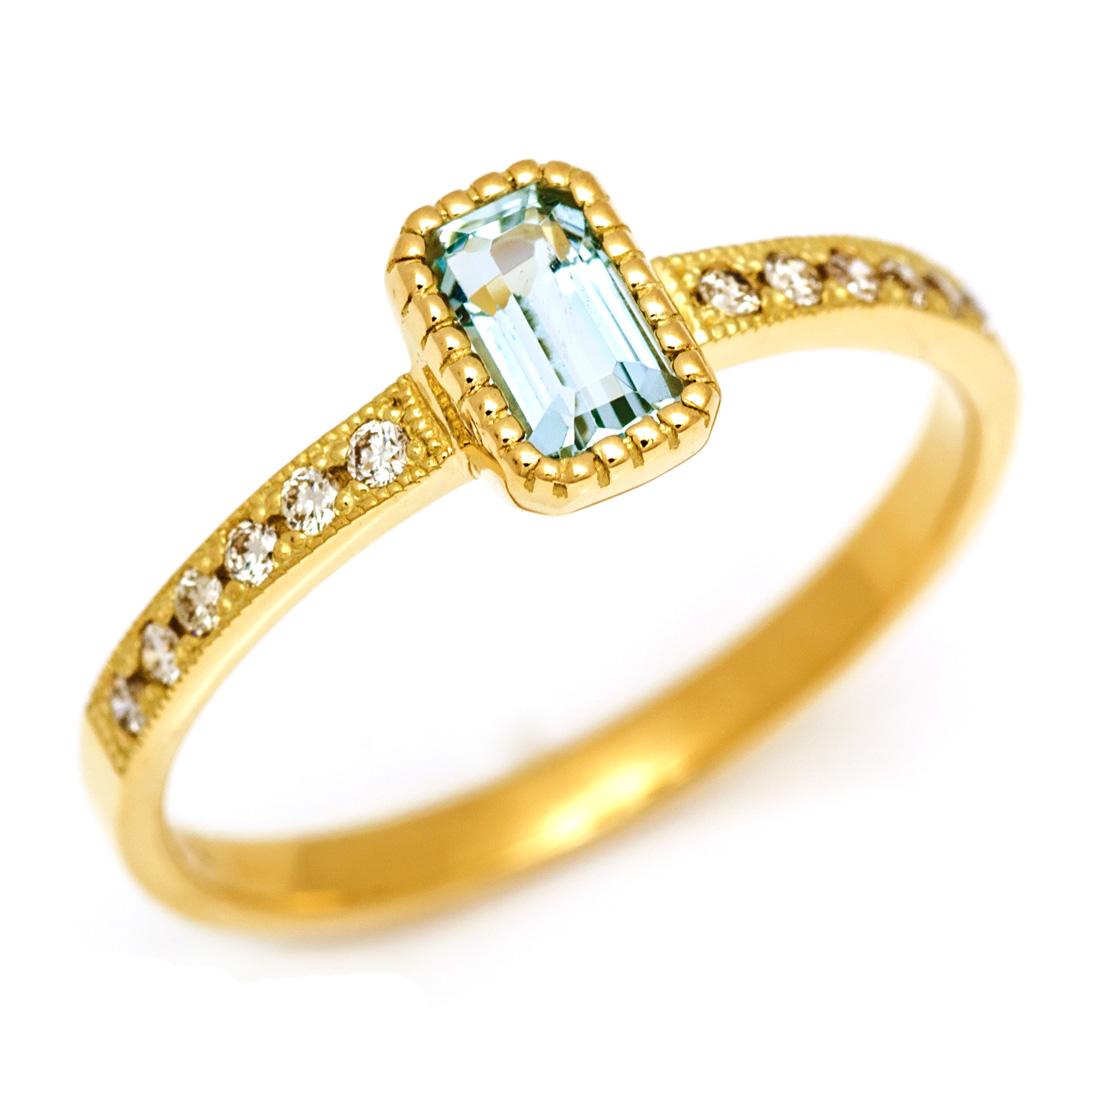 【GWクーポン配布中】リング アクアマリン ダイヤモンド 「grazia」 ゴールド K18 送料無料